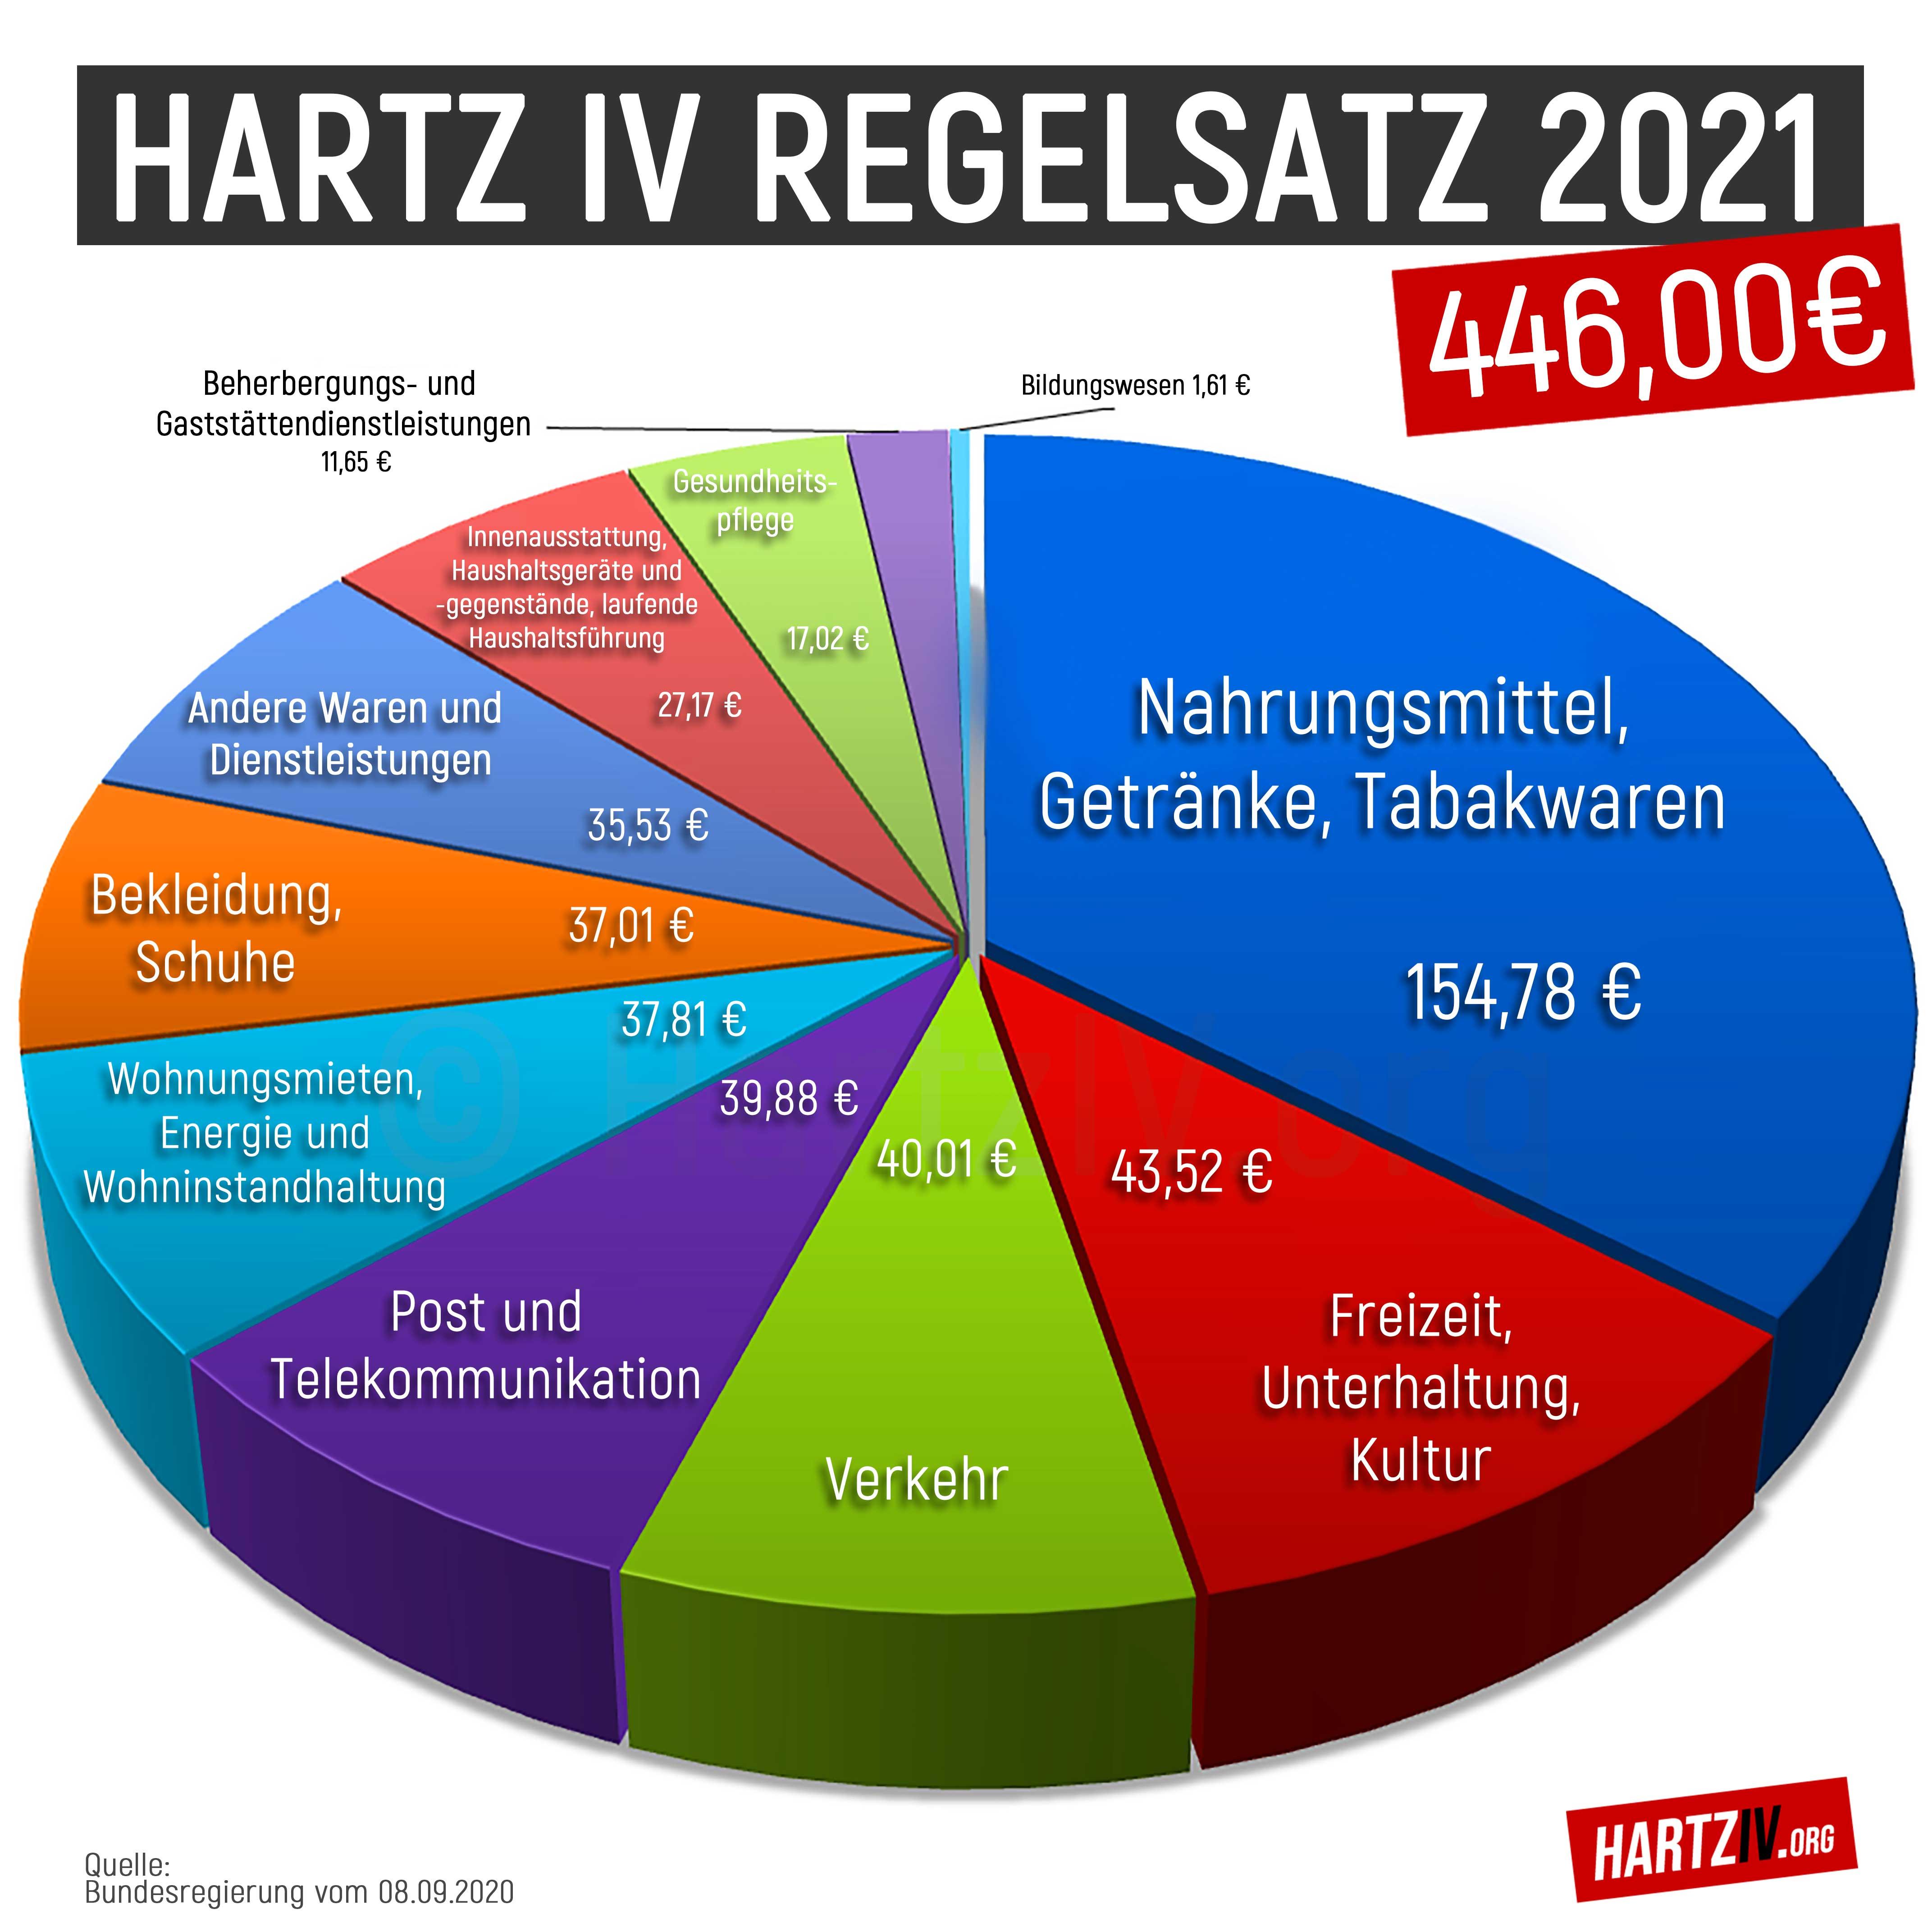 Hartz IV Regelsatz 2021 als Tortendiagramm in einzelne Bedarfe aufgeteil